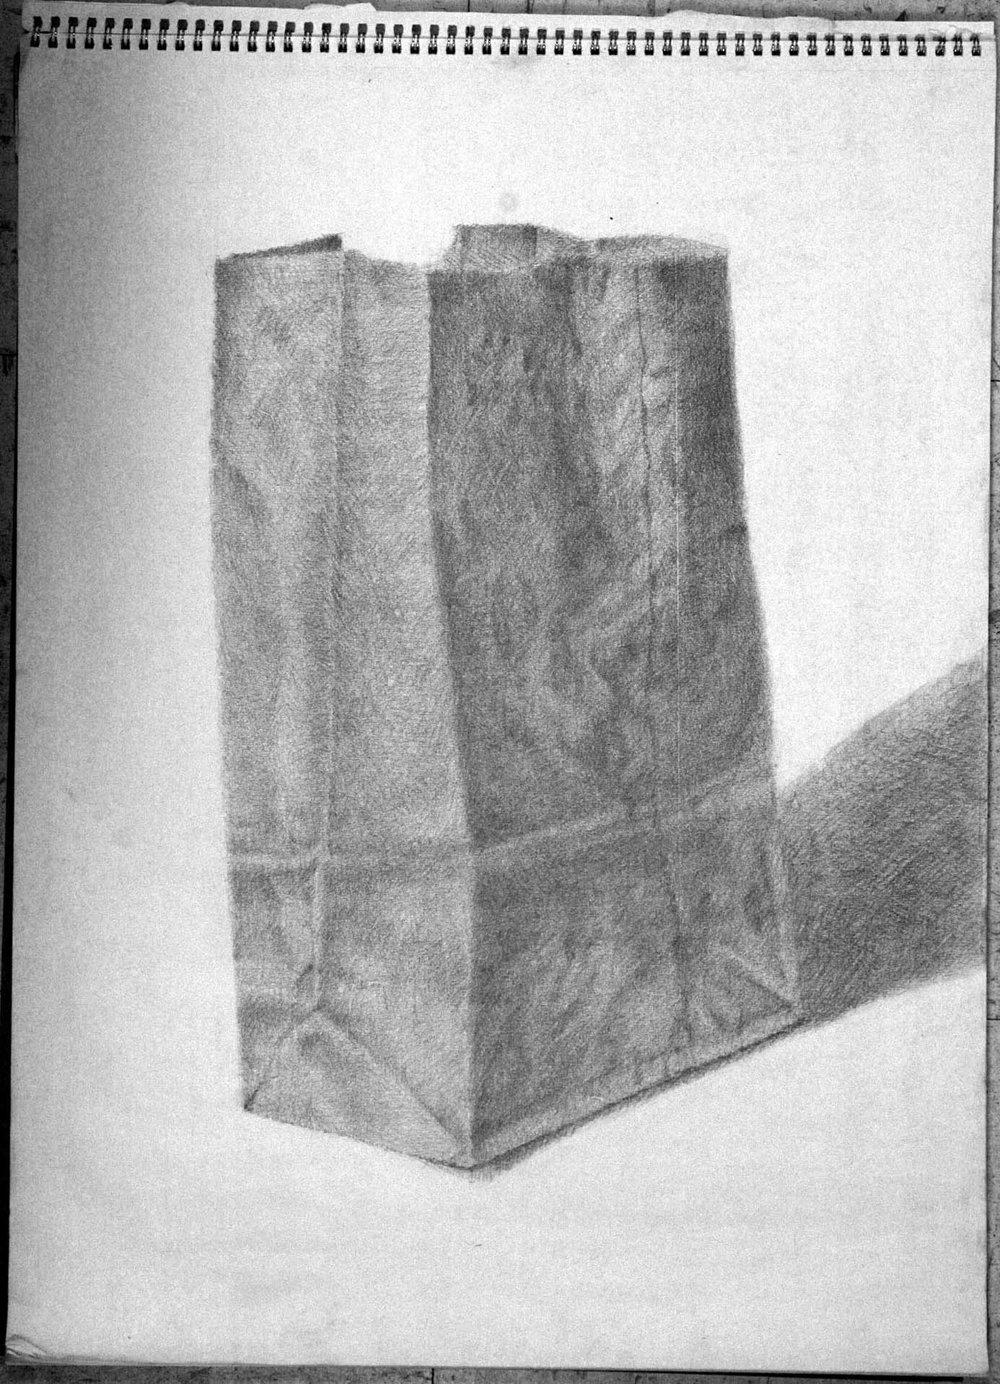 03-17-Vanessa LoRusso-Paper Bag.jpg